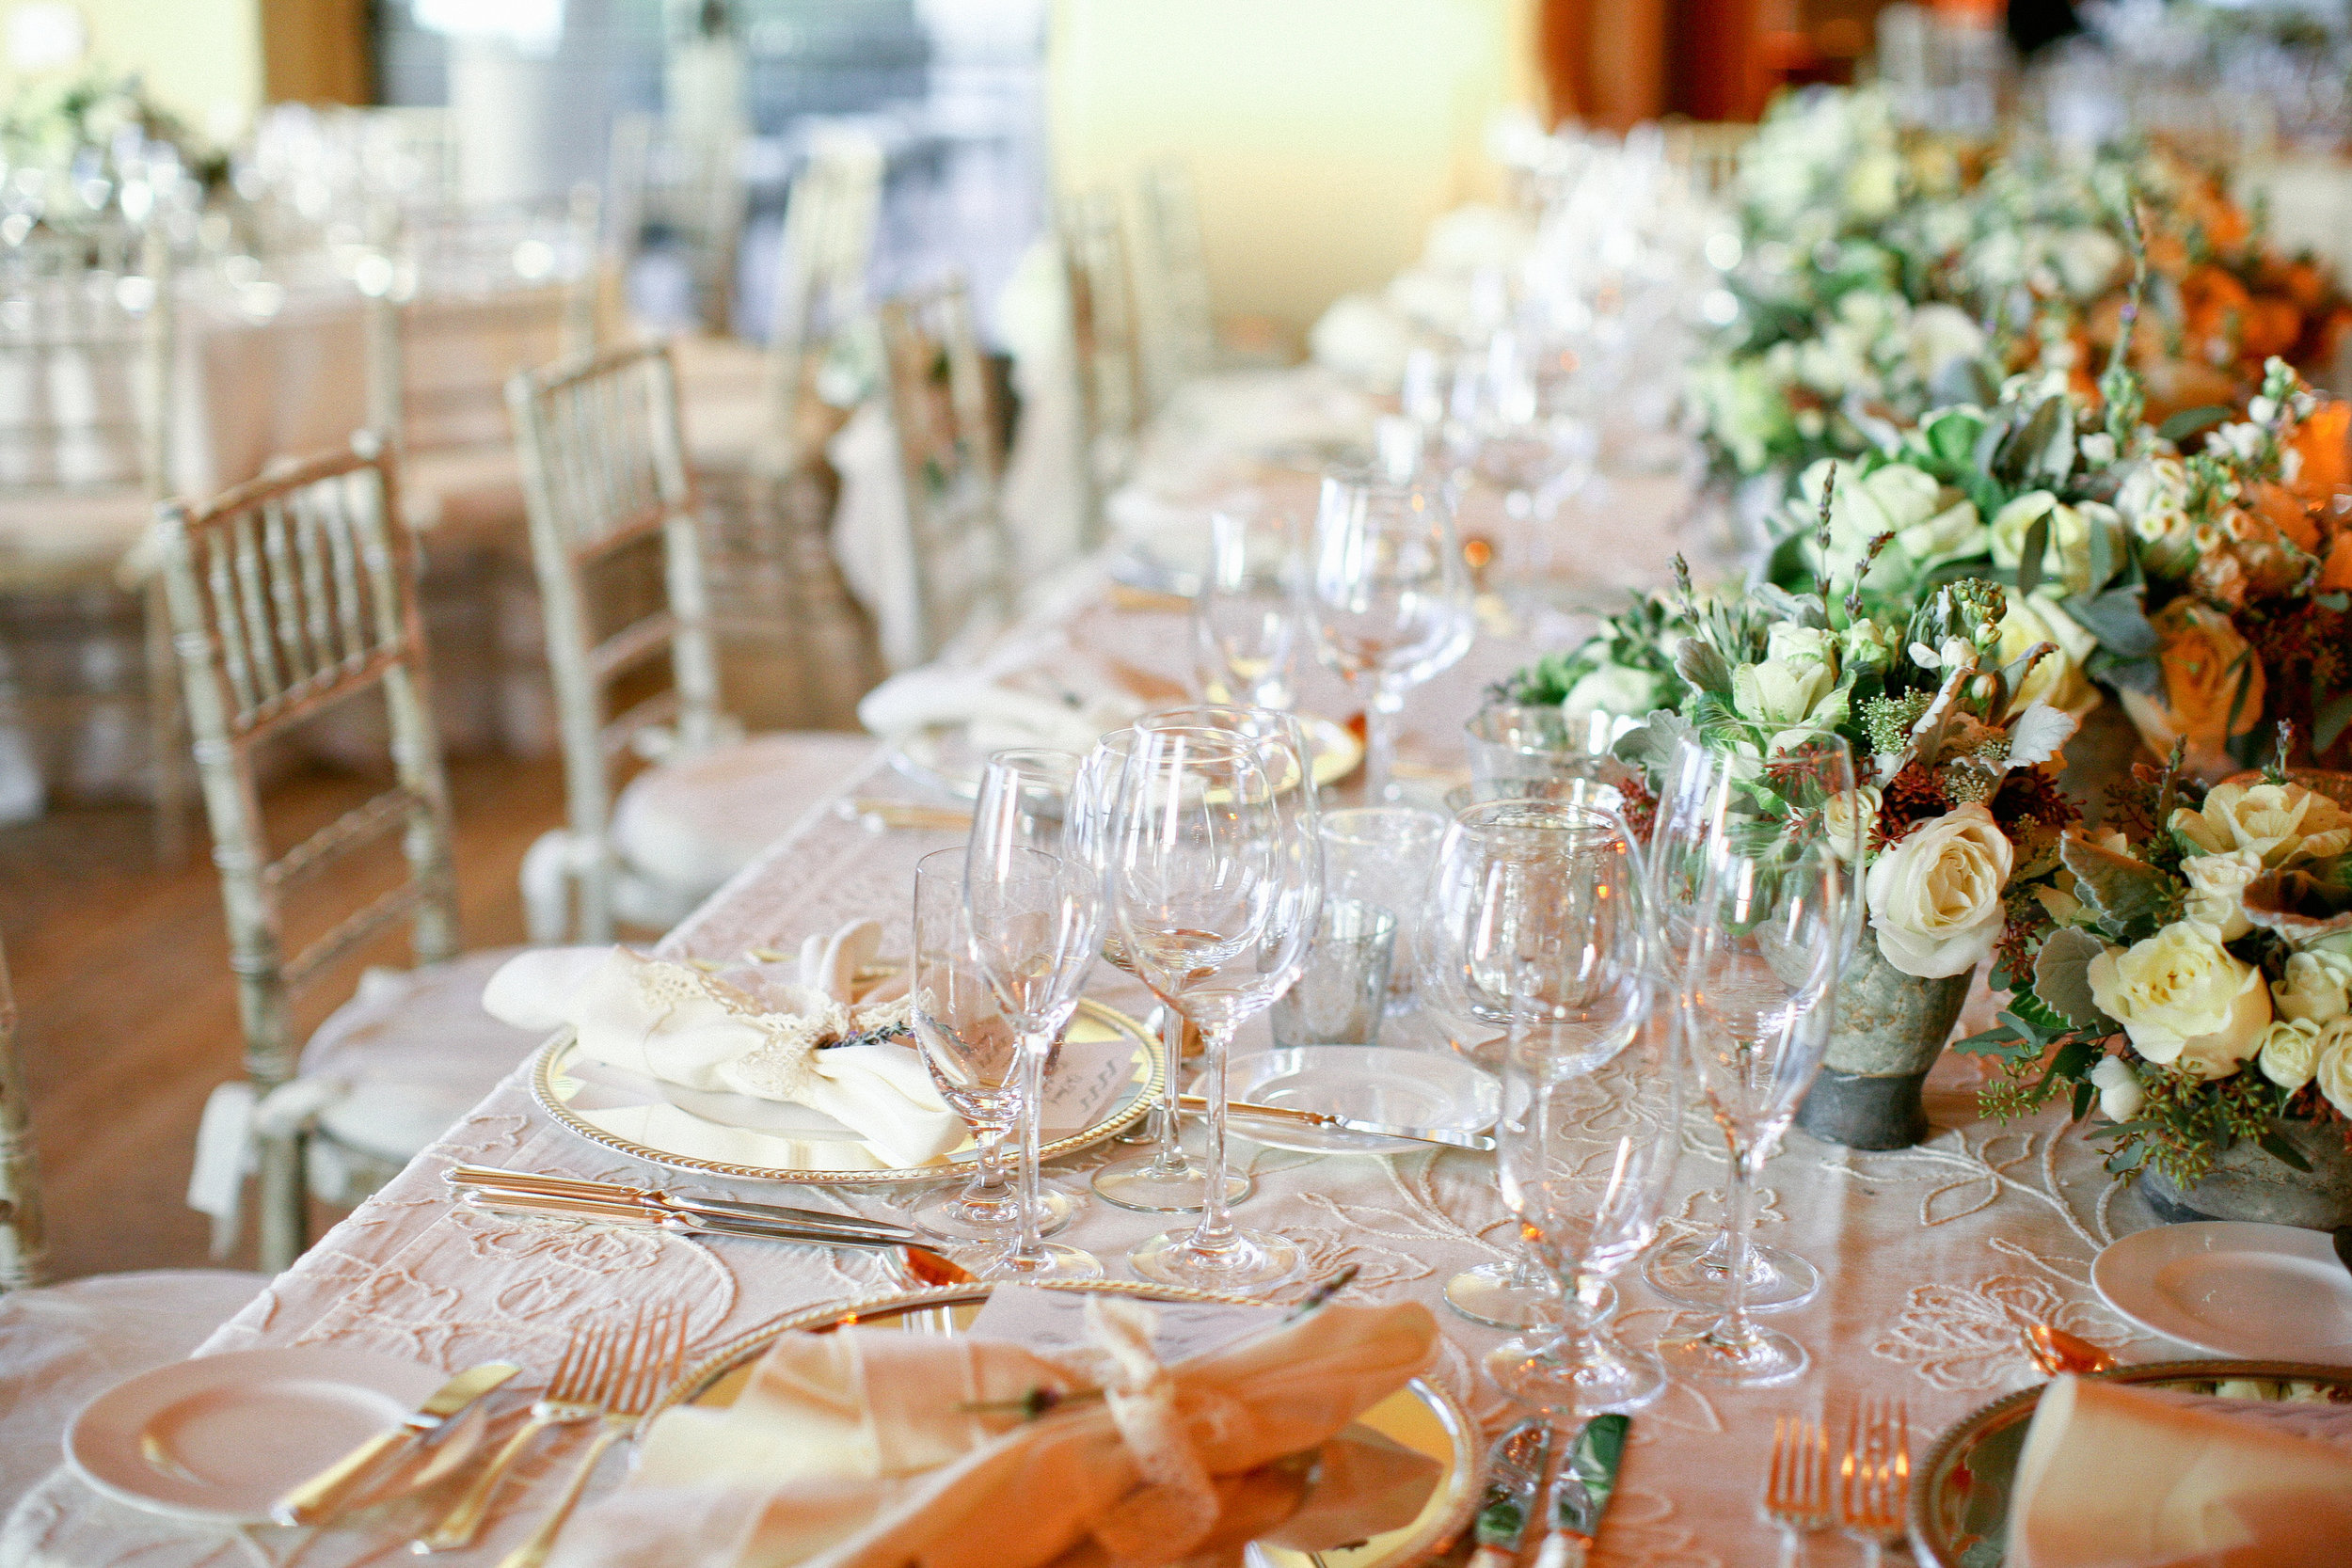 Carma's Wedding for Annette-0119.jpg